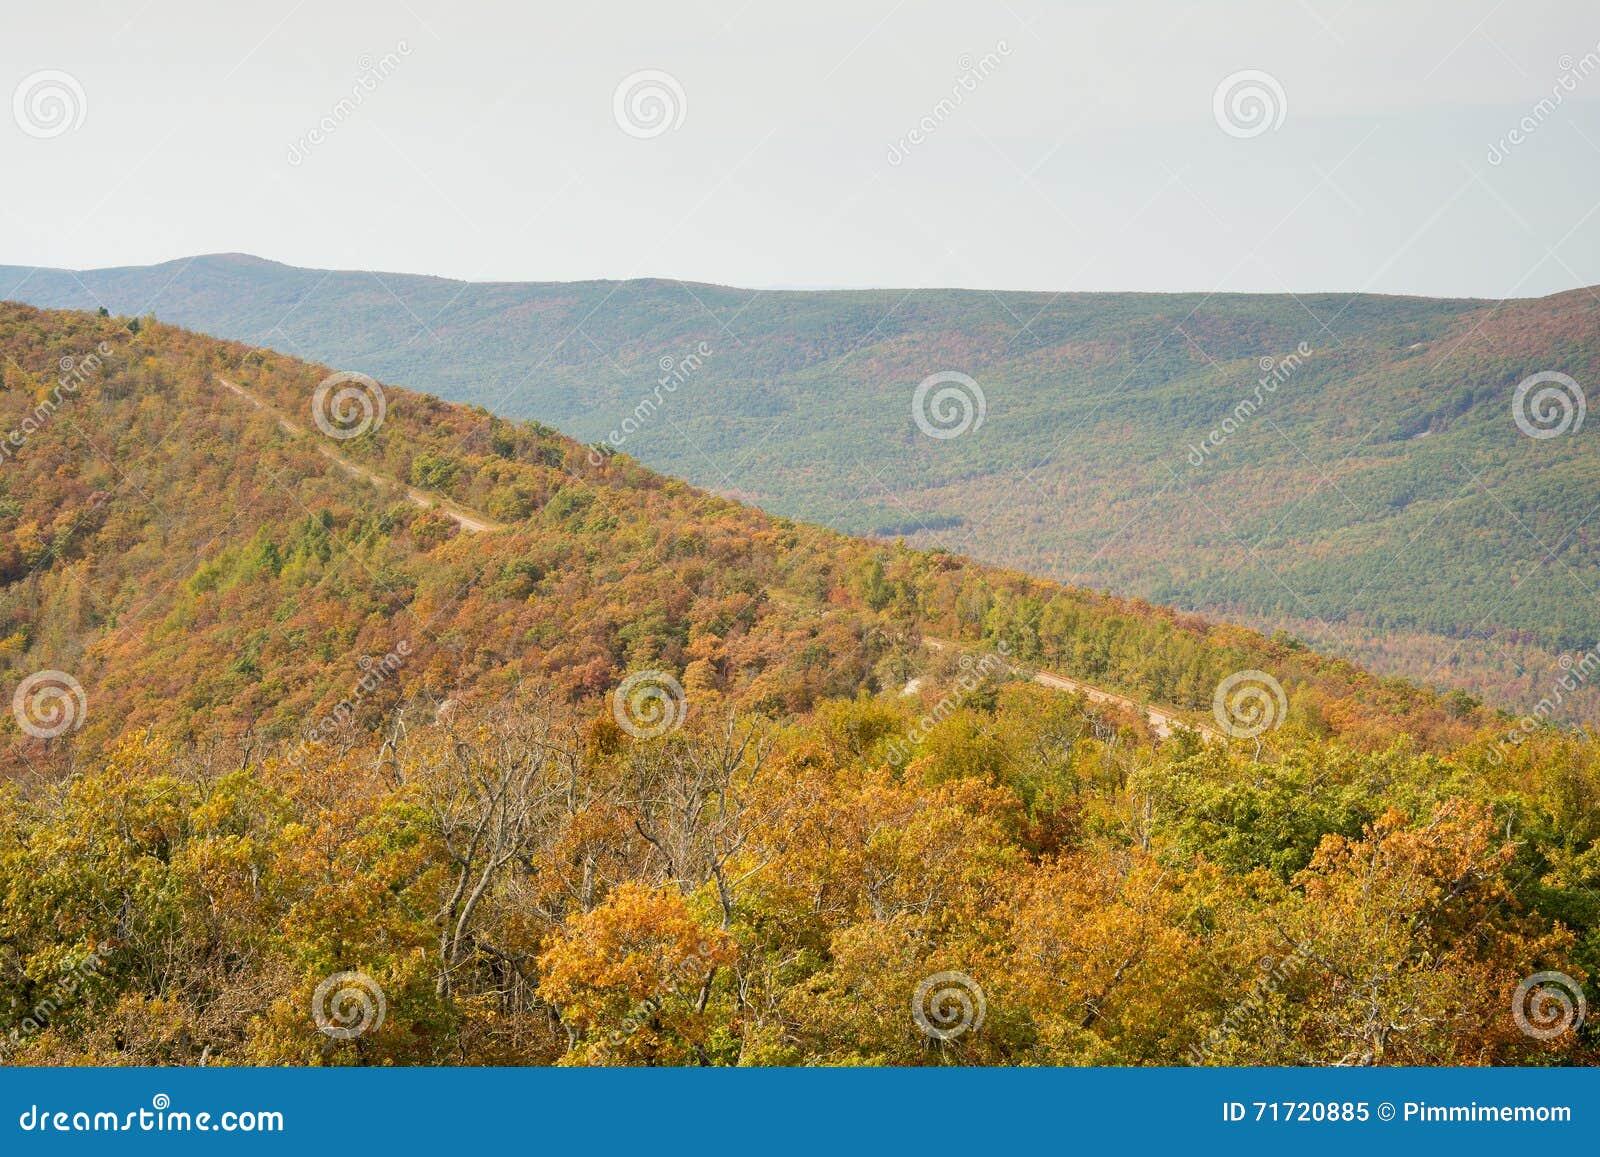 Chemin détourné scénique de Talimena avec la route allant sur la crête de la montagne